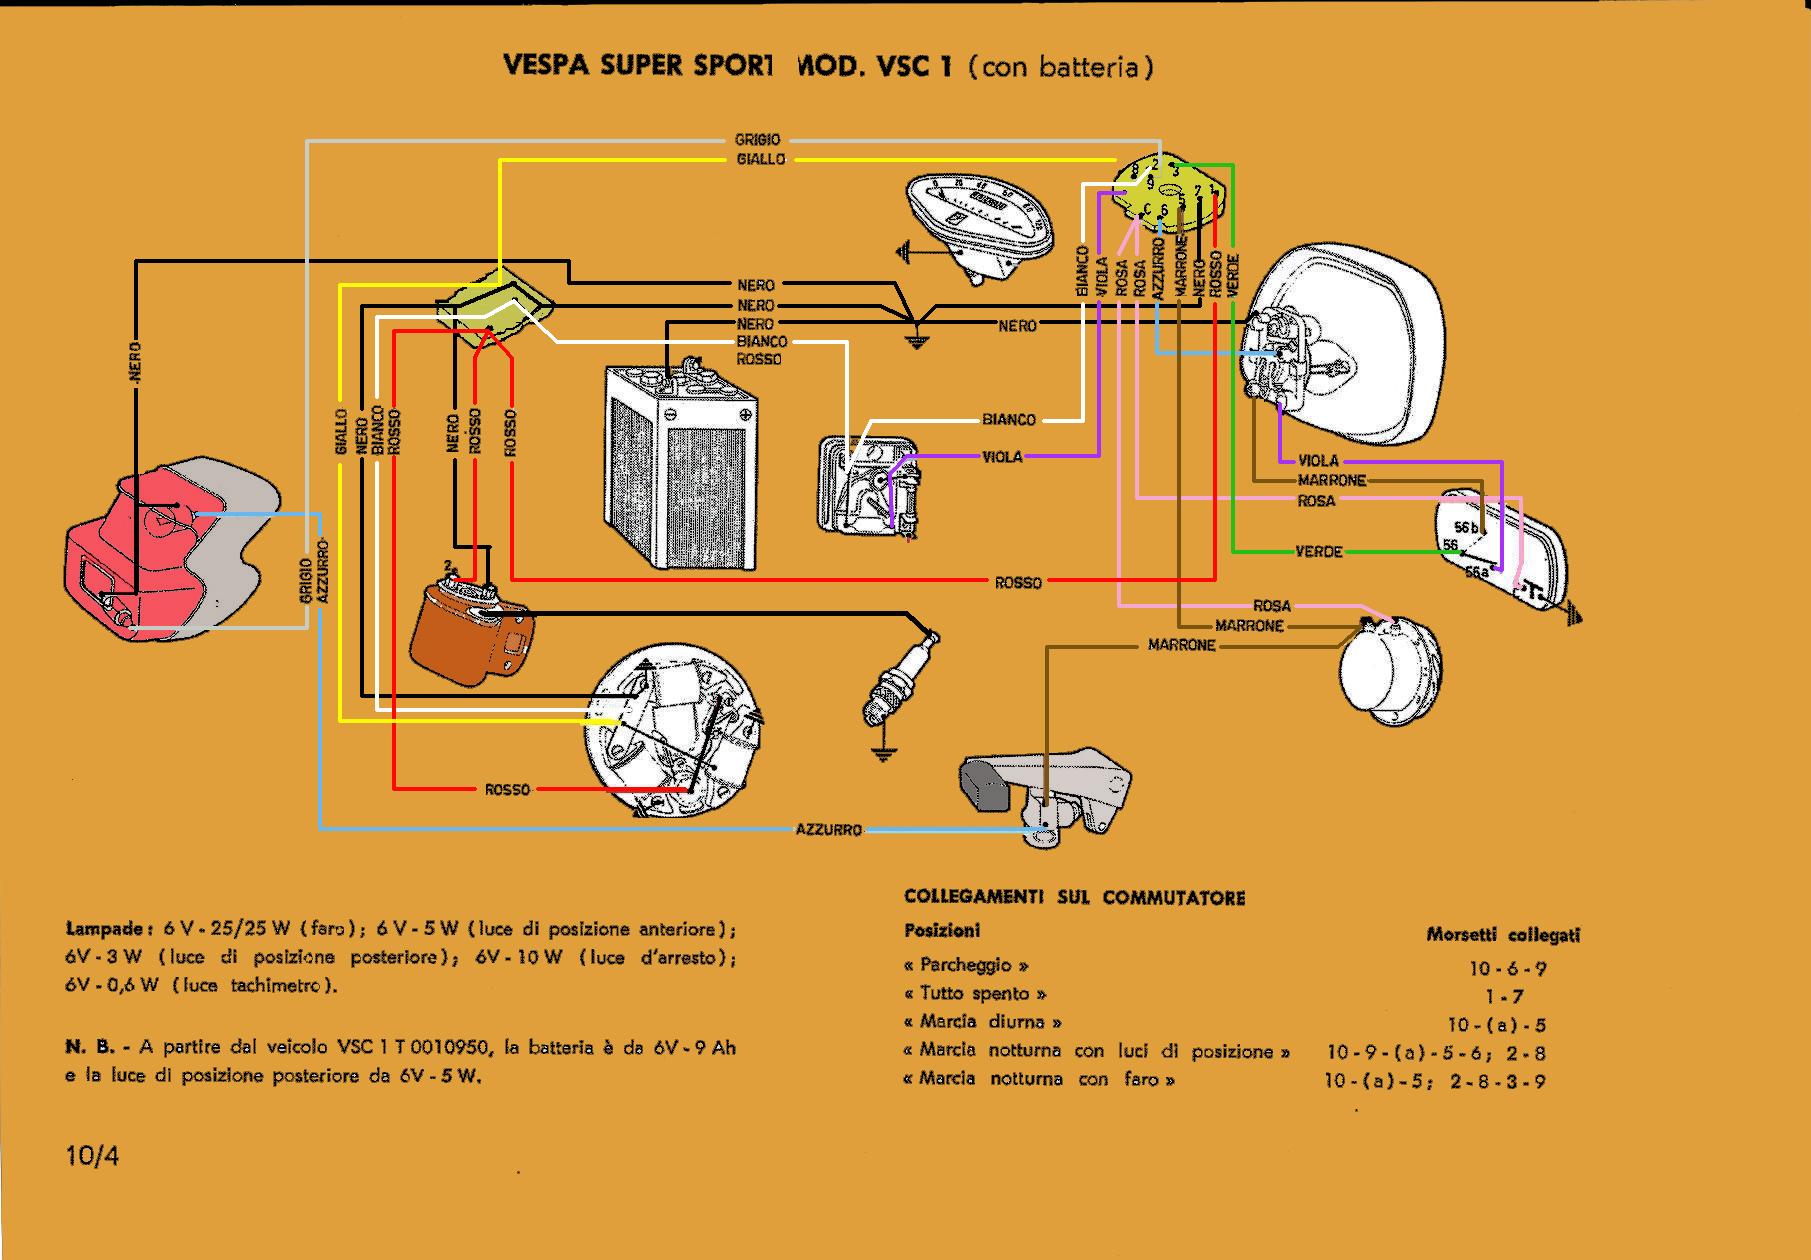 Schema Impianto Elettrico Per Vespa 50 Special : Schema elettrico vespa super sport vsc con batteria